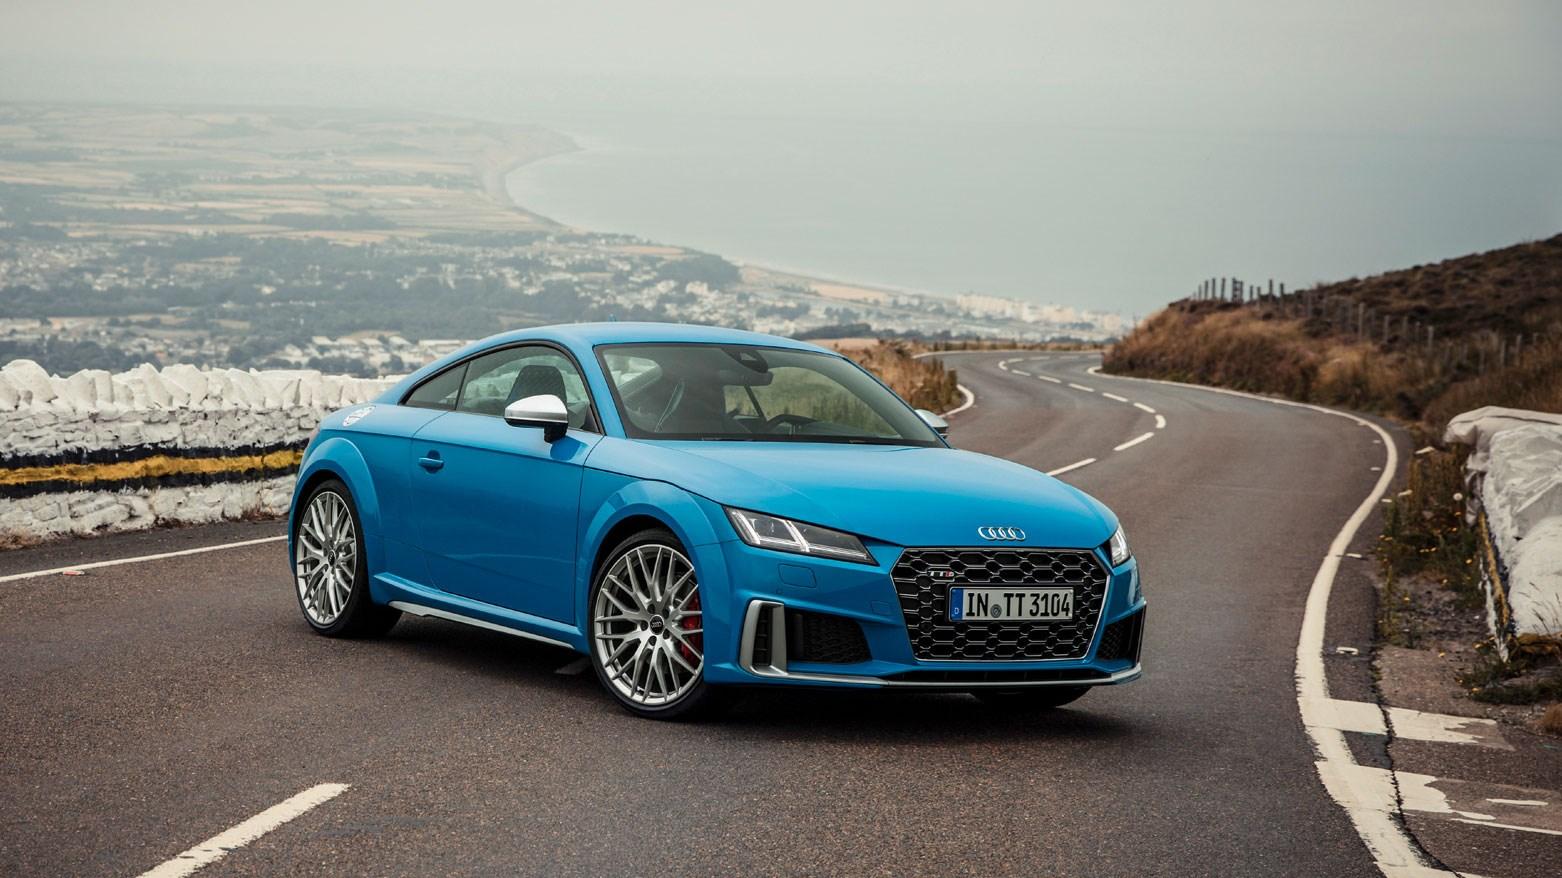 Audi Tt Lease >> New Audi TT review: sharper looks and more kit | CAR Magazine